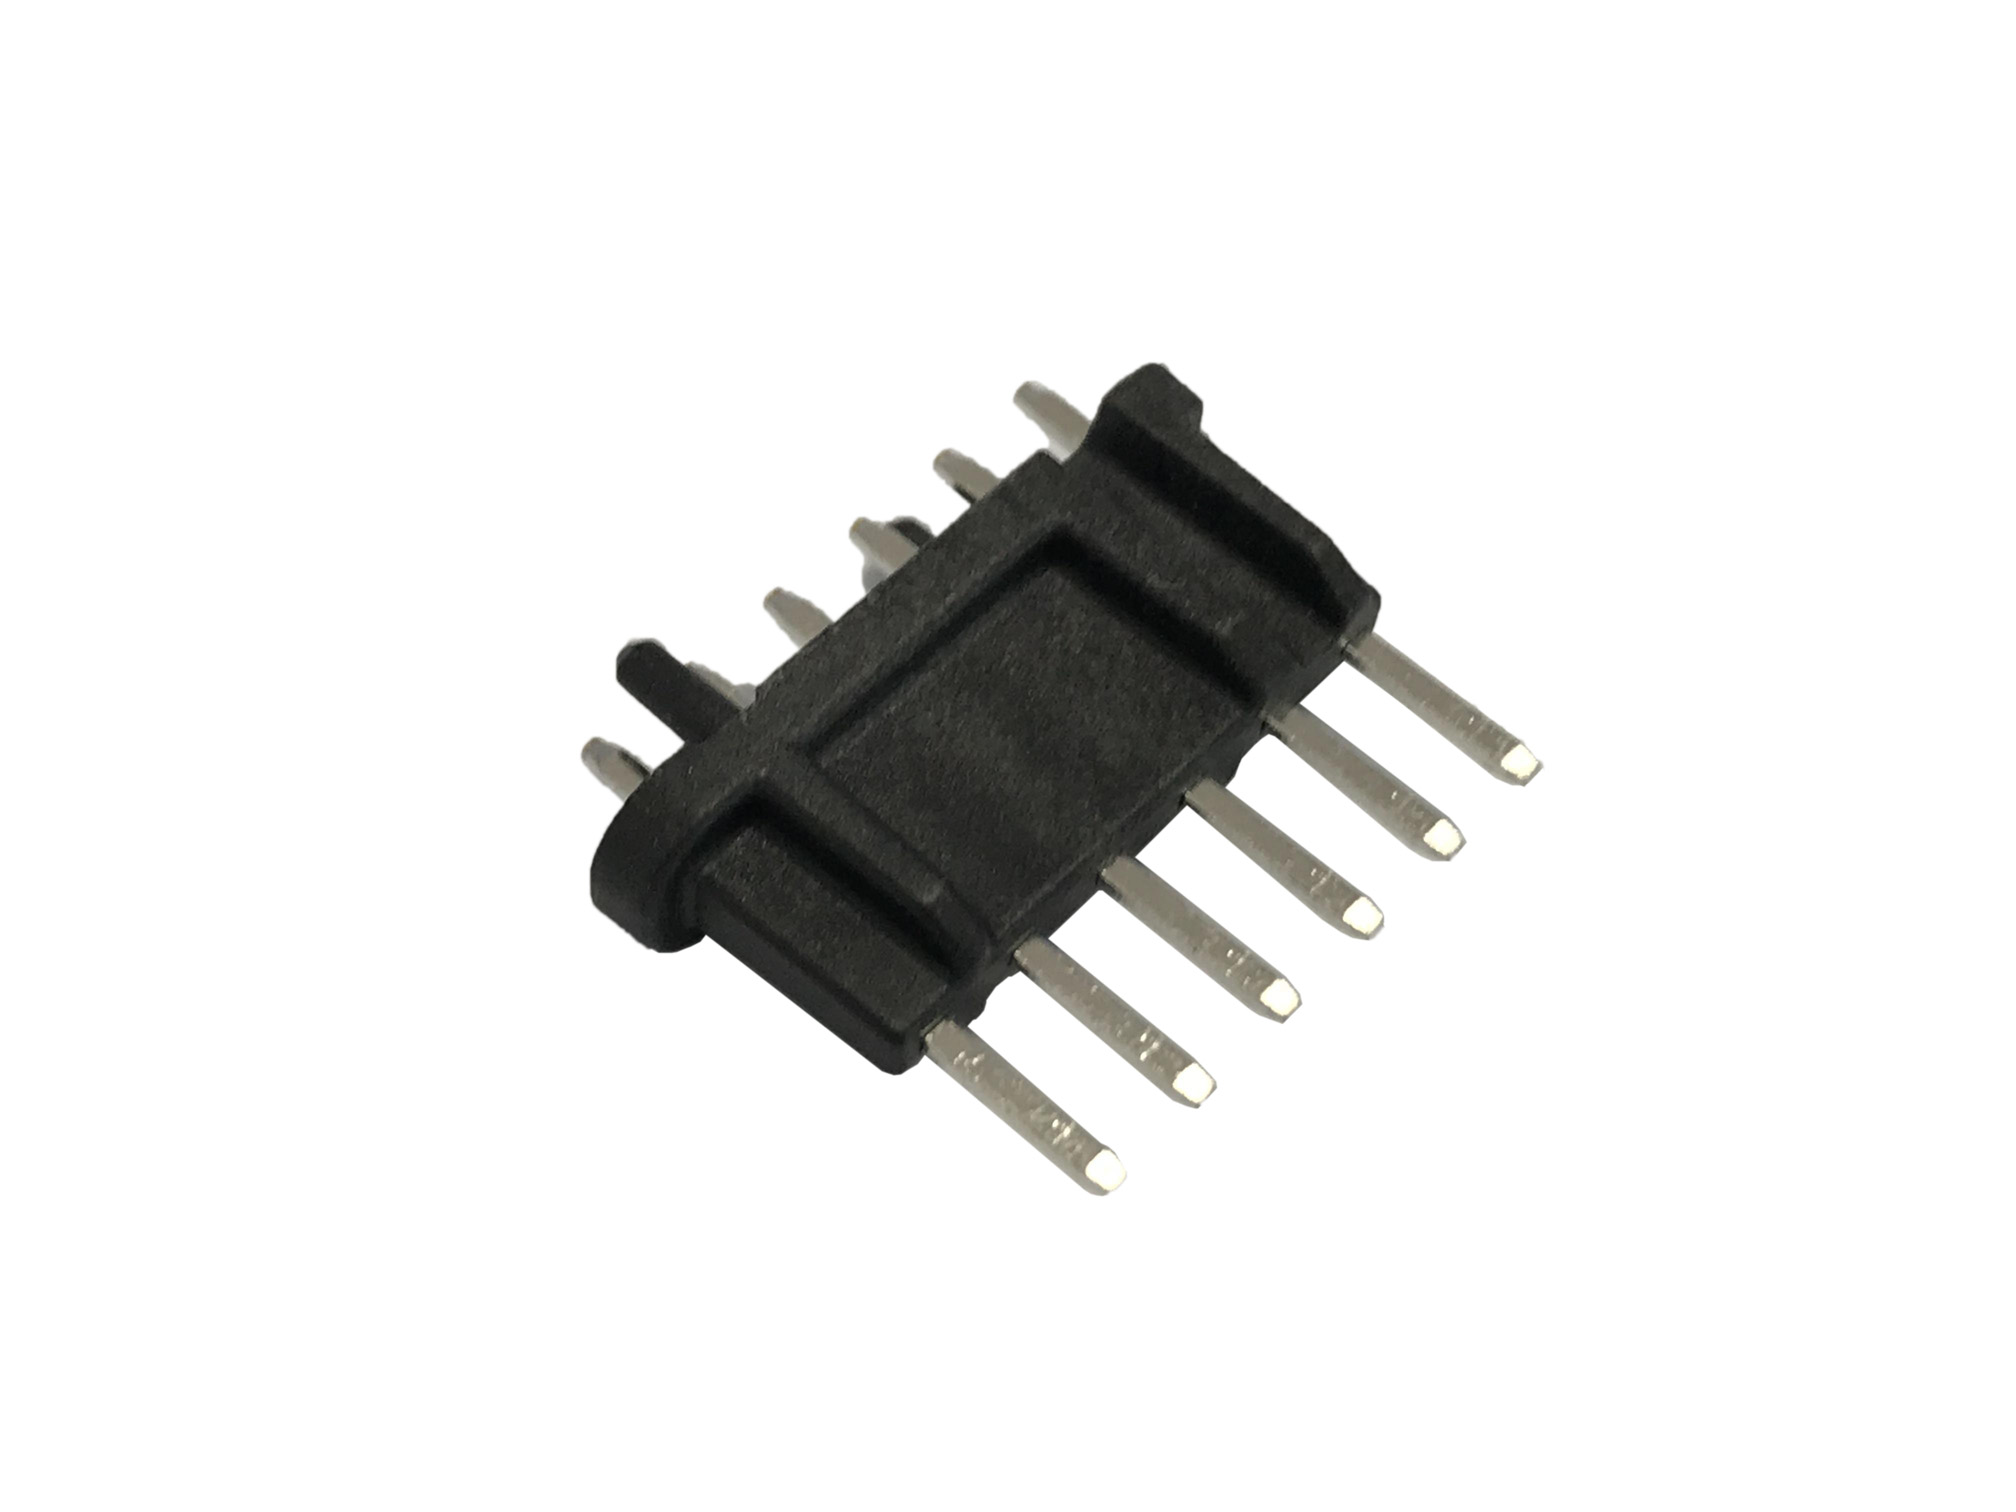 QJ586 6芯插座